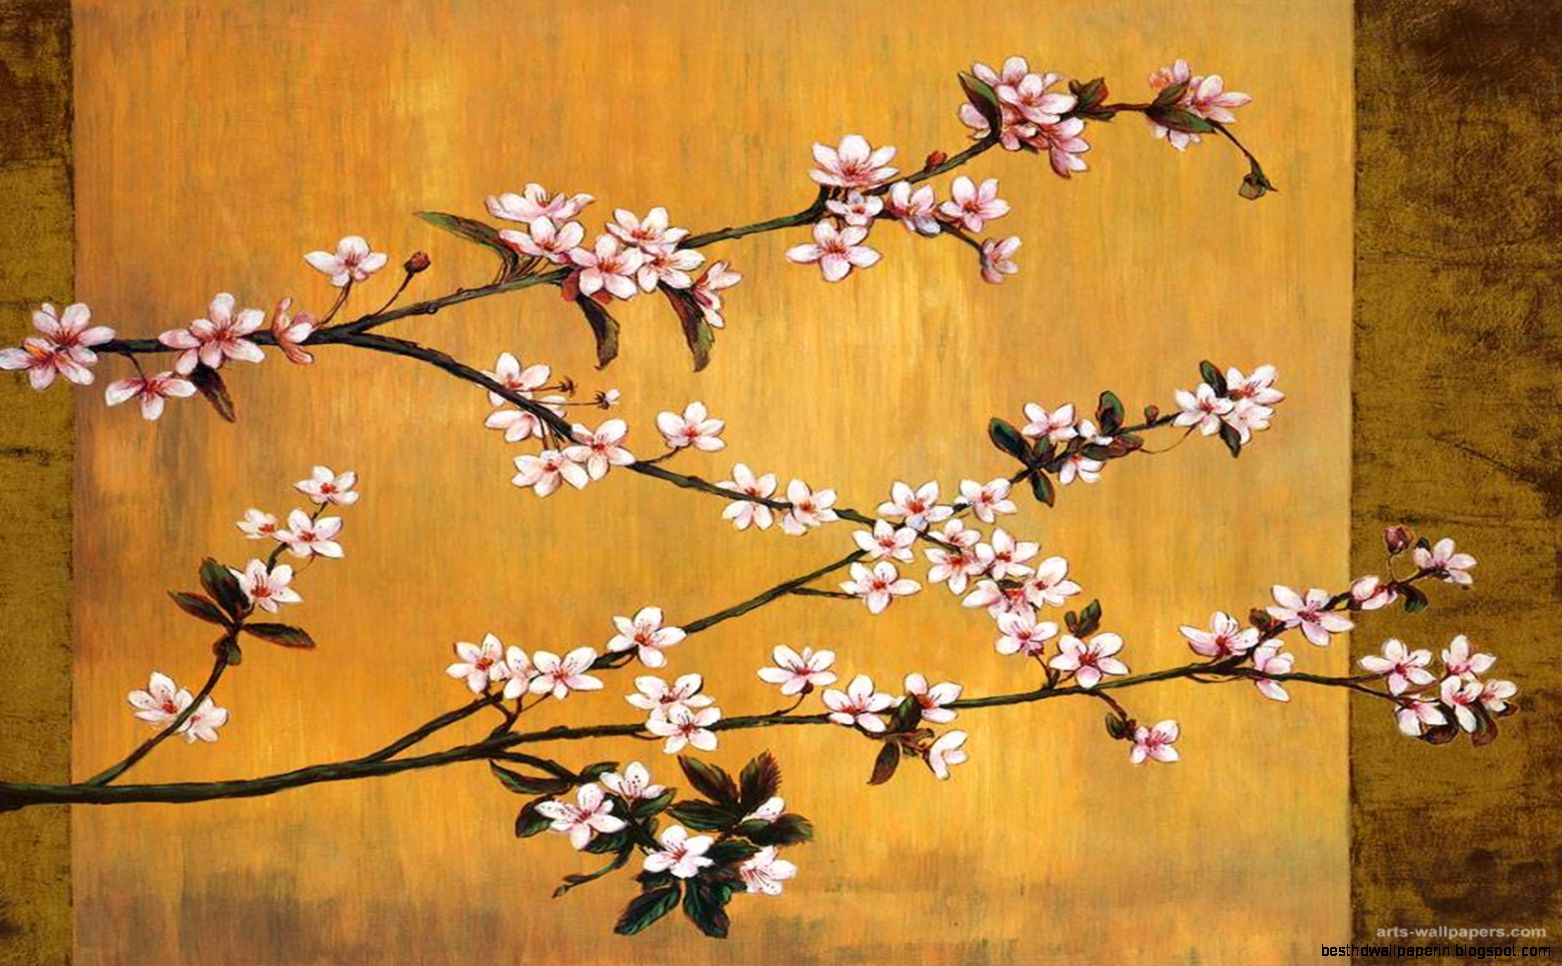 Japanese Art Wallpaper Design Ideas Desktop Gallery 1680x1050PX 1562x966